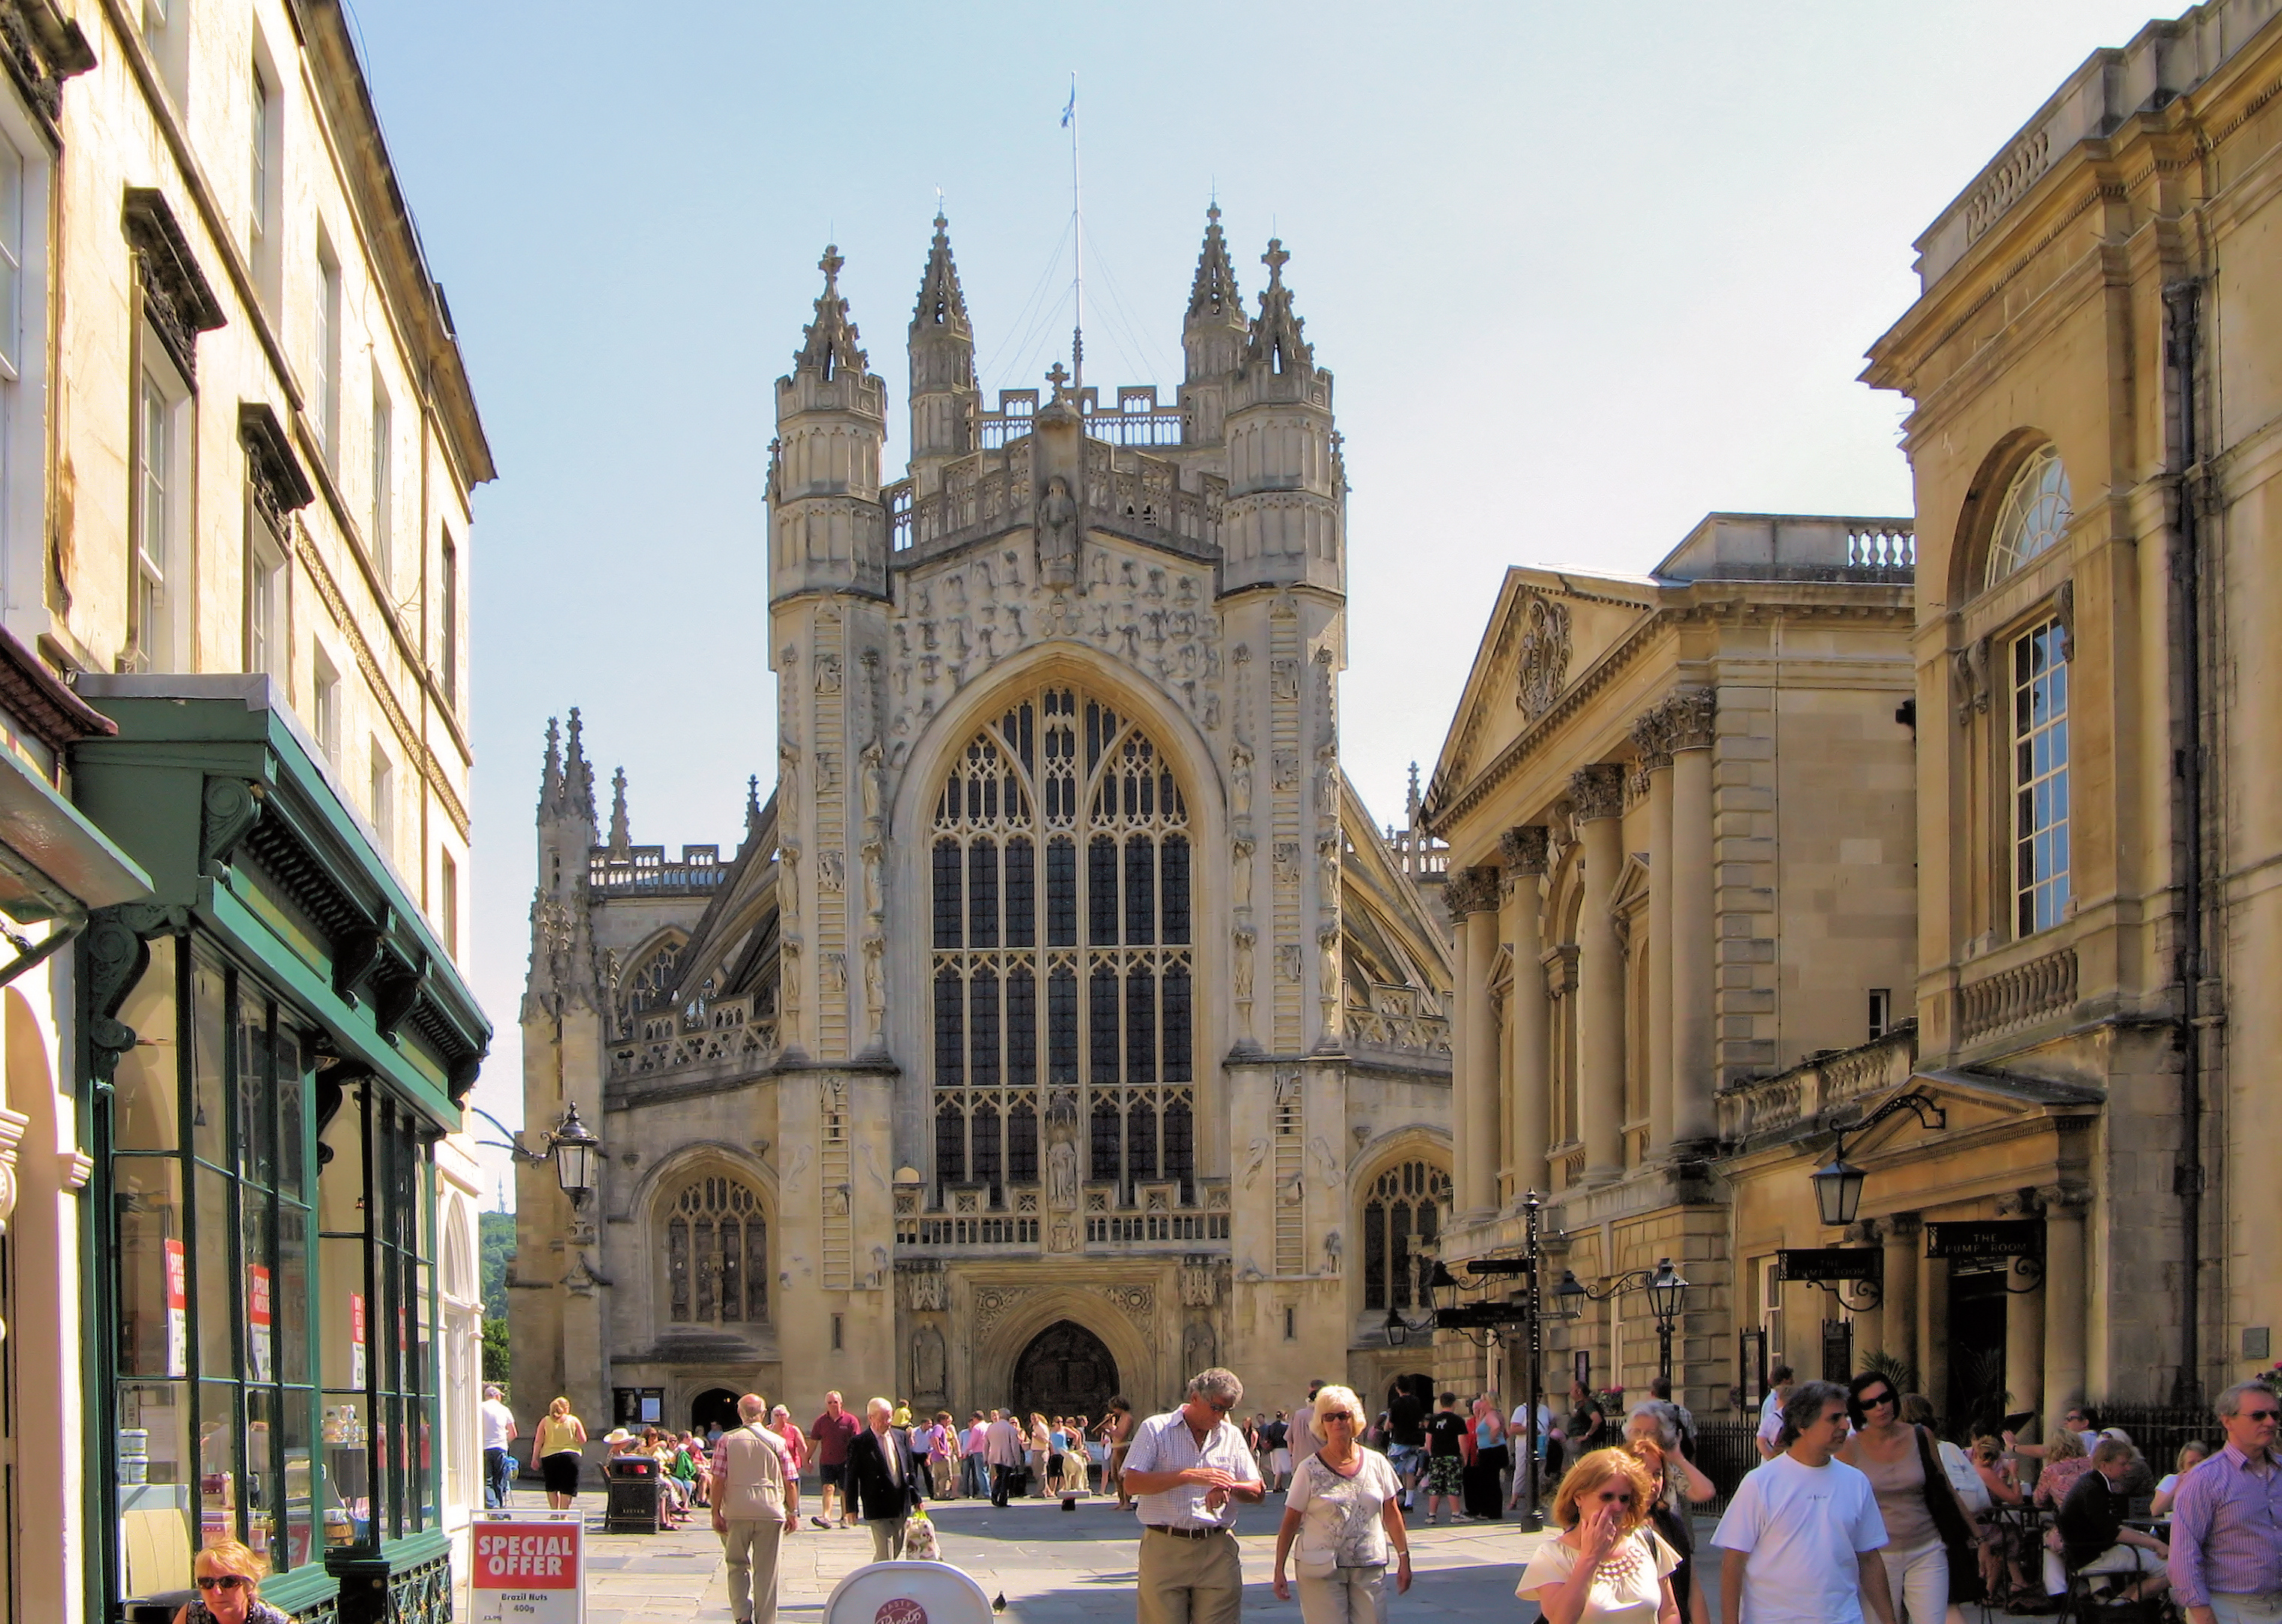 Bath Abbey & The Roman Baths & The Pump Room